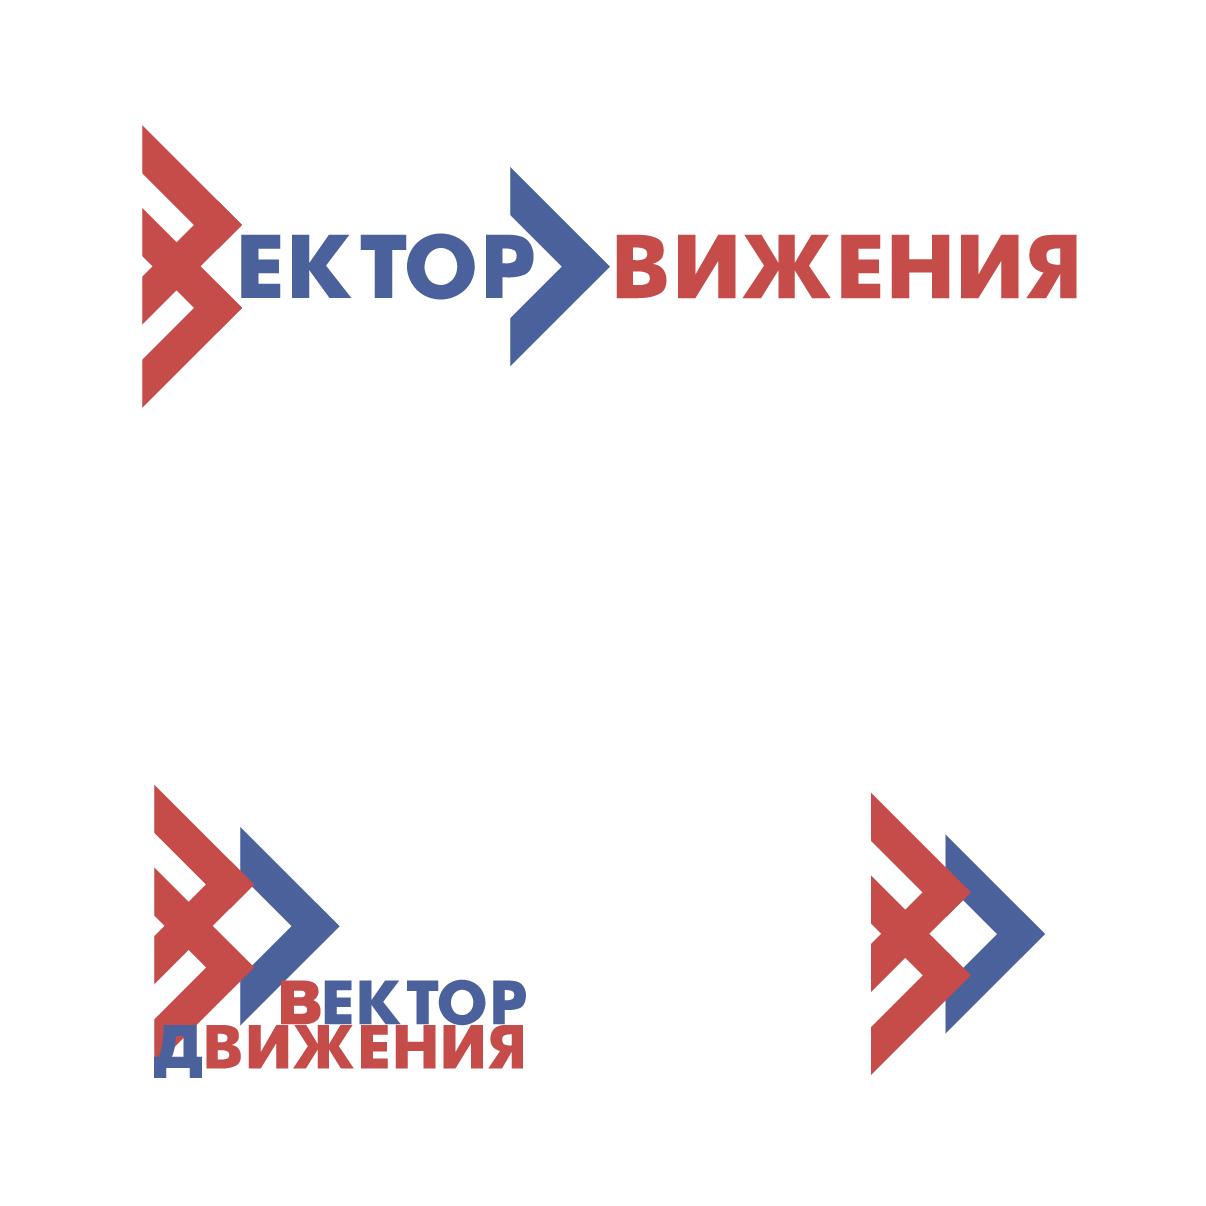 Разработка логотипа фото f_4925c2b786510599.jpg